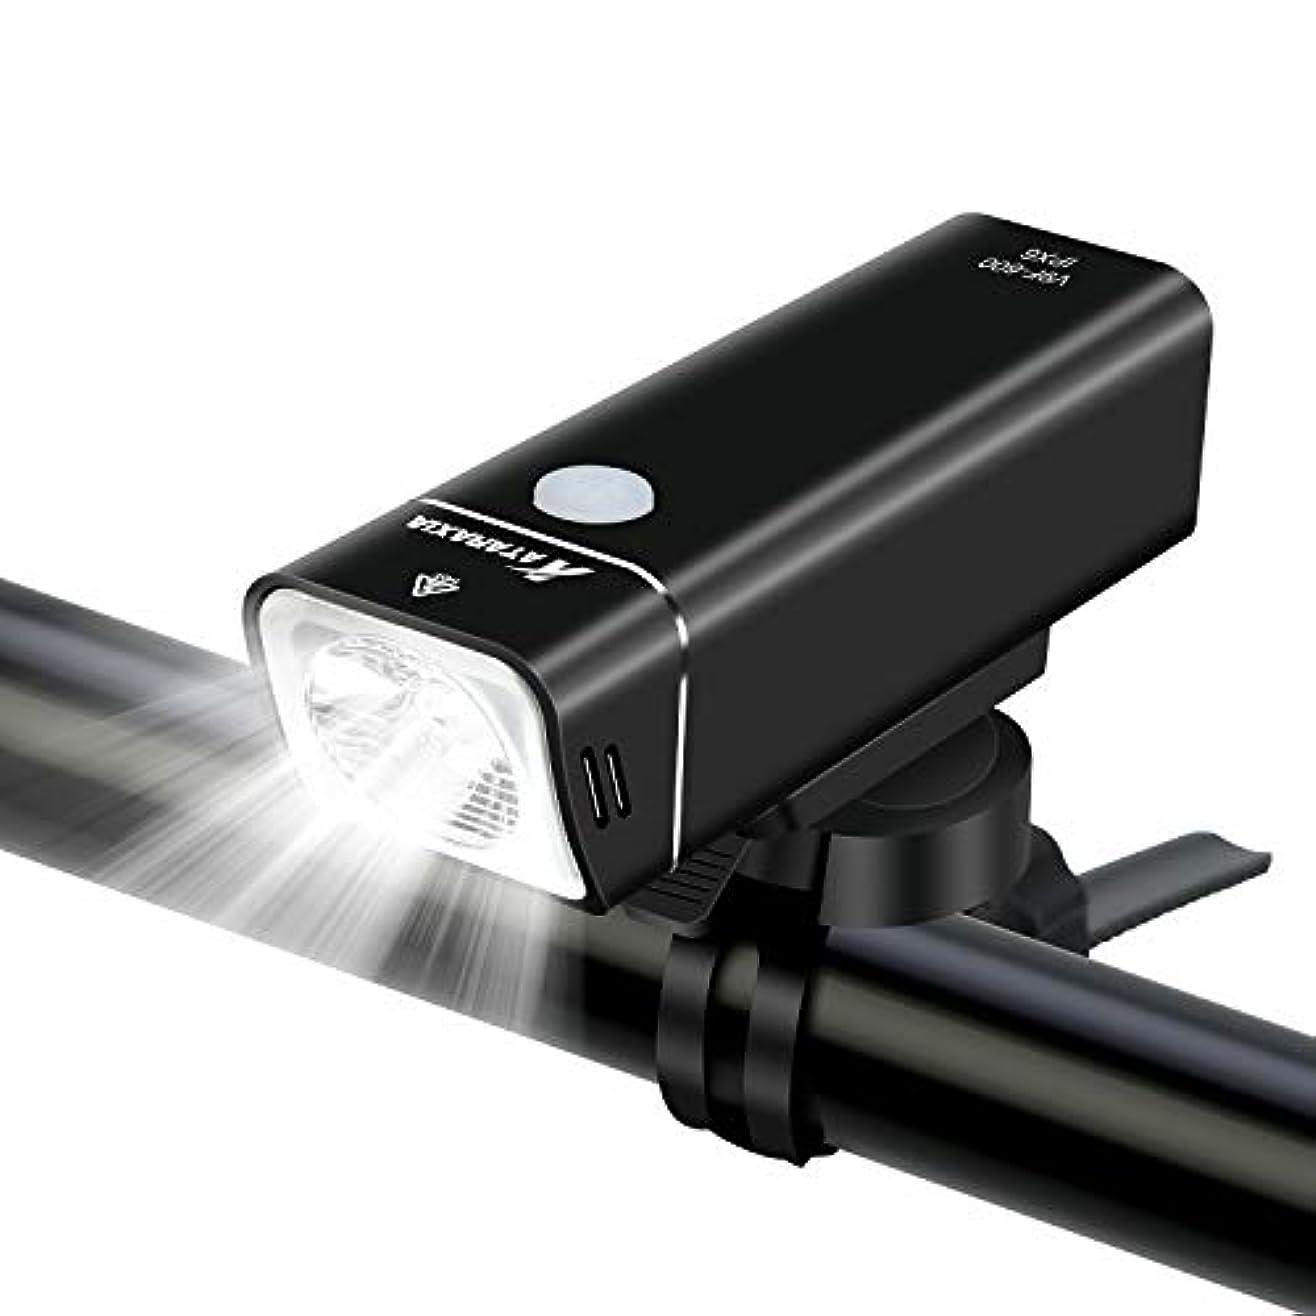 着陸へこみマイナスATARAXIA 自転車ライト 正真正銘の600ルーメン ロードバイクライト 2500mah USB充電式 IPX6防水 6063アルミニウム合金シェル 4点灯モード